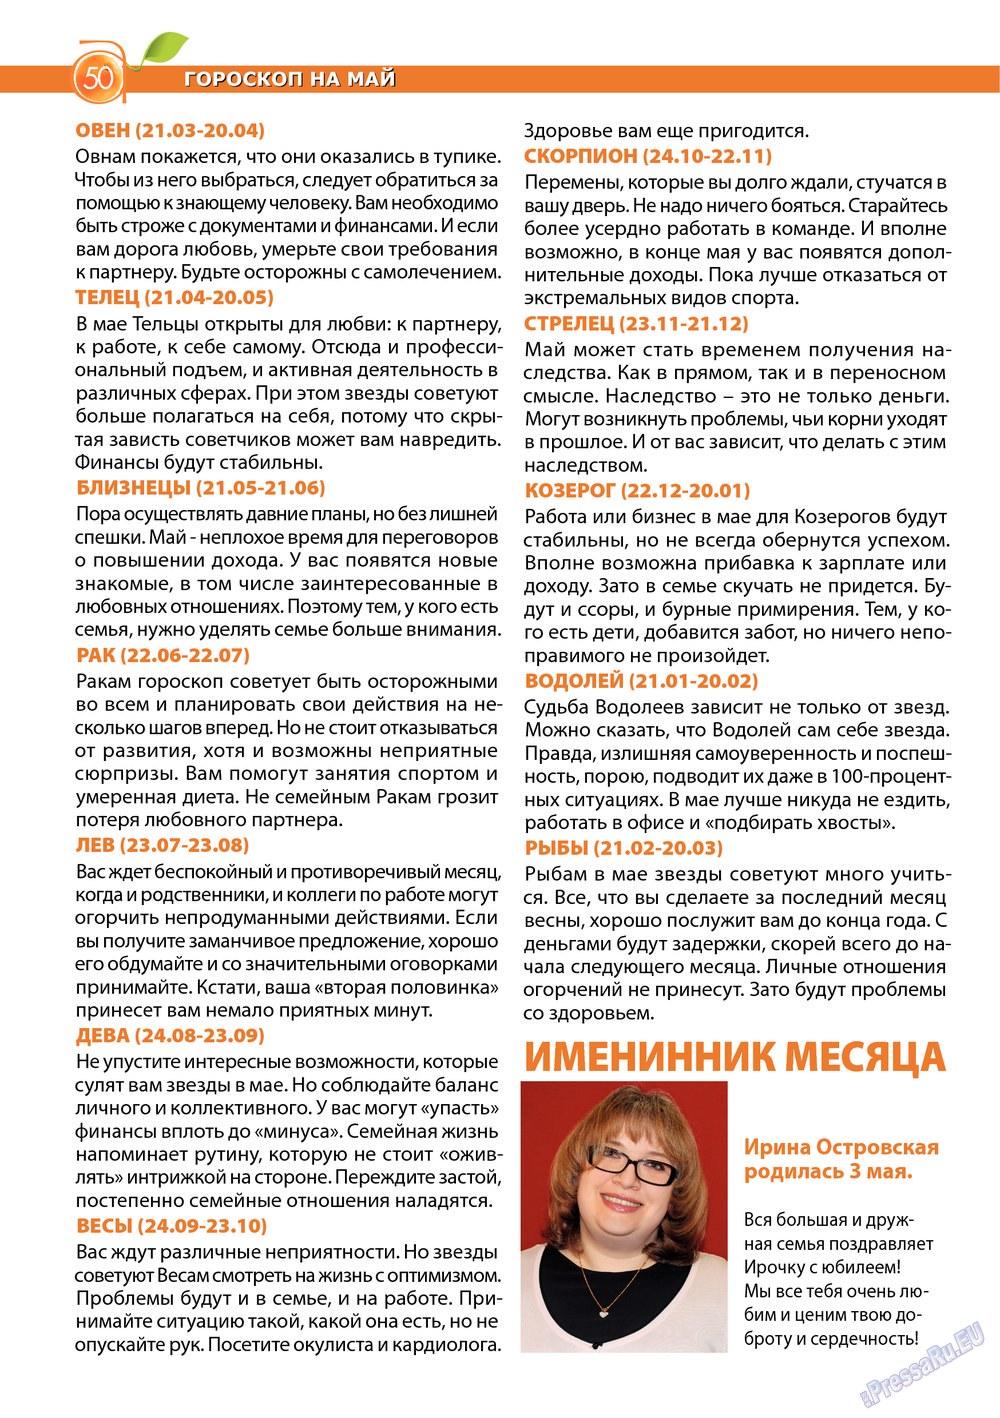 Апельсин (журнал). 2013 год, номер 46, стр. 50